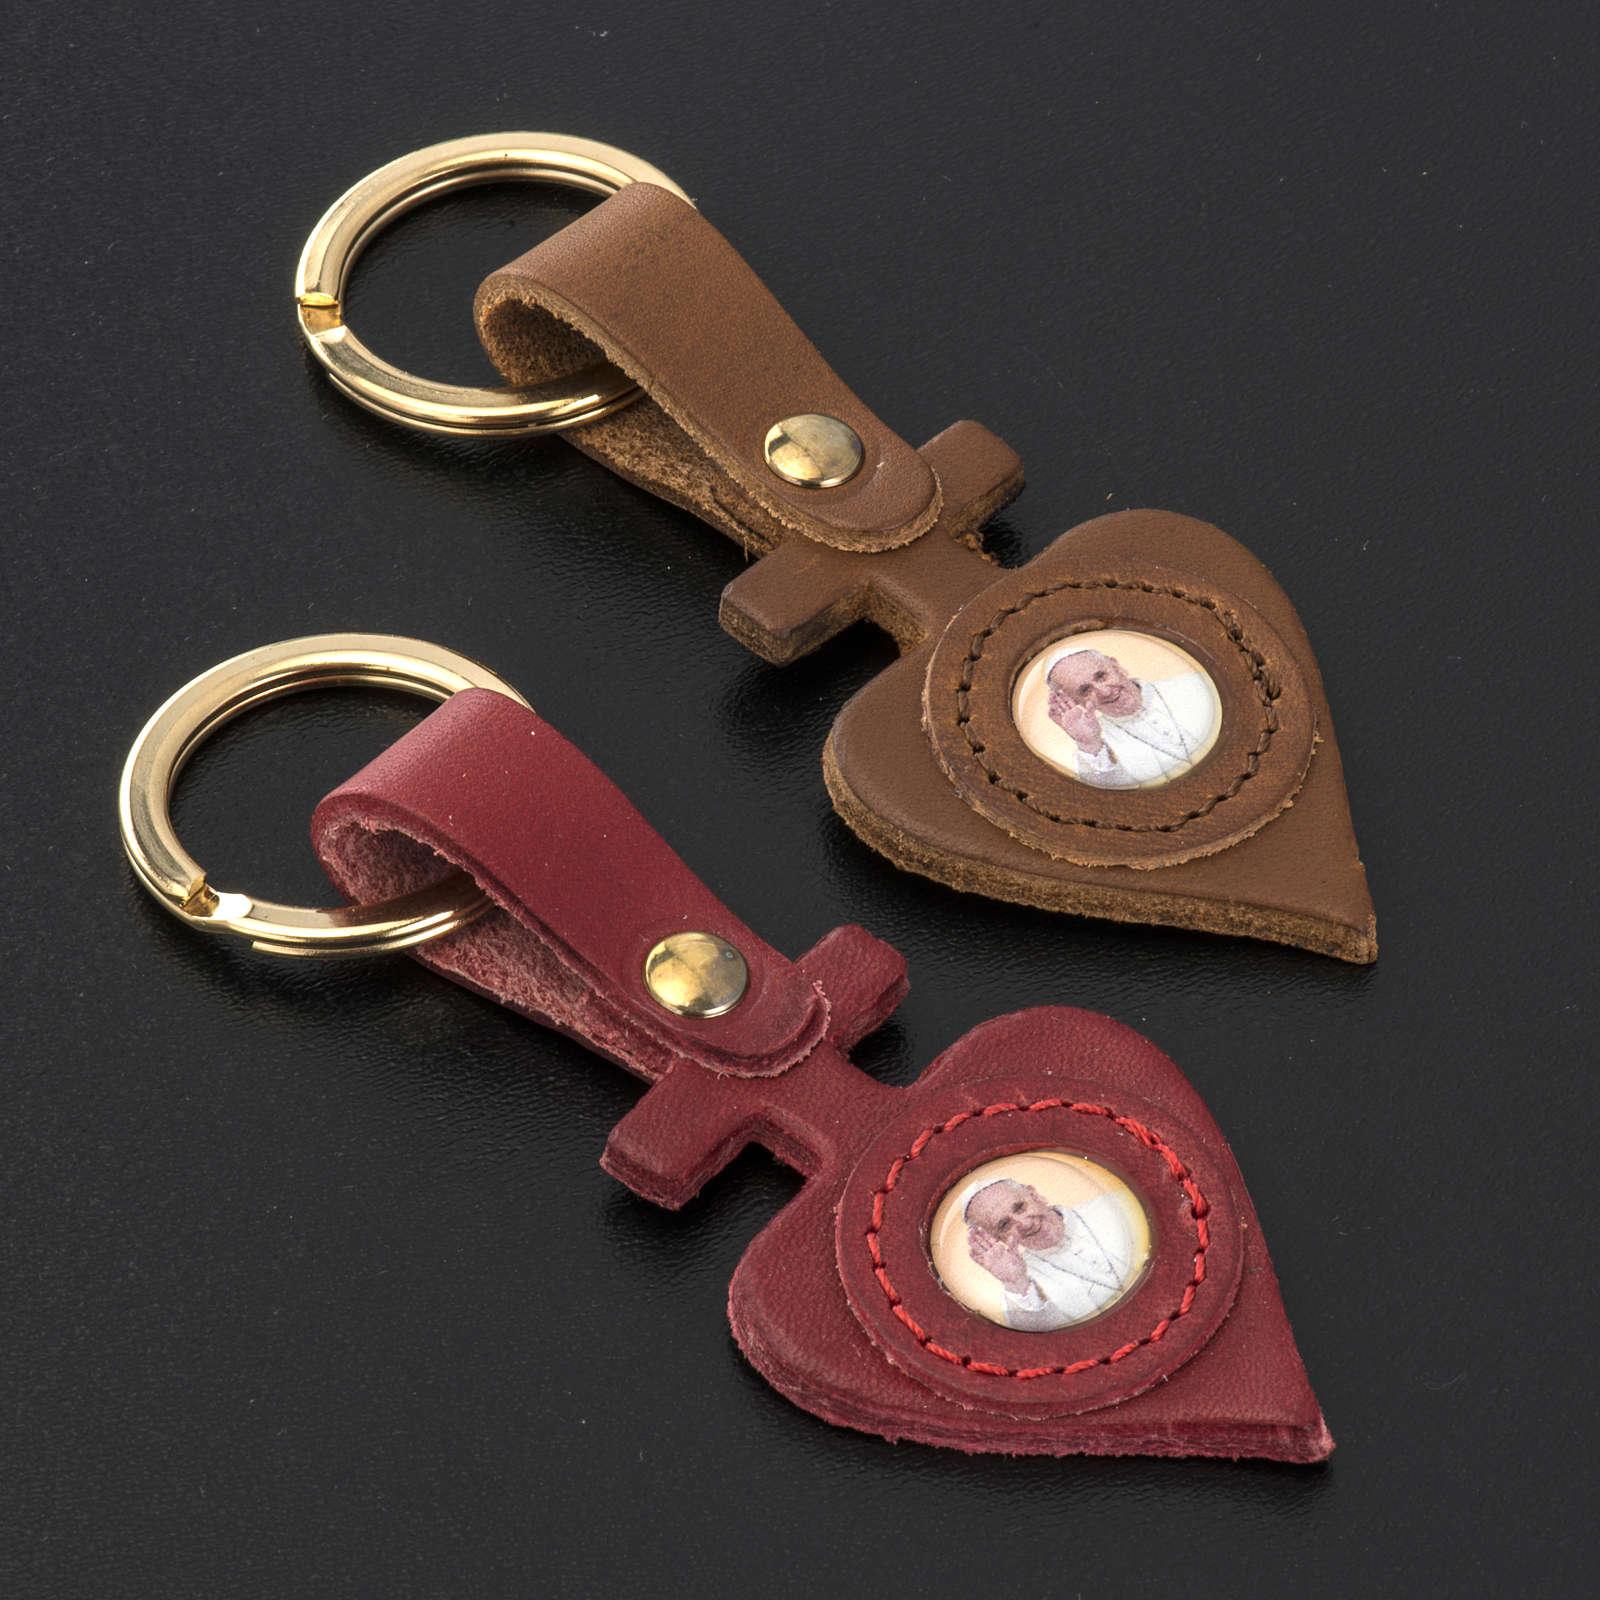 Schlüsselanhänger aus Leder herzförmig Papst Franziskus 3